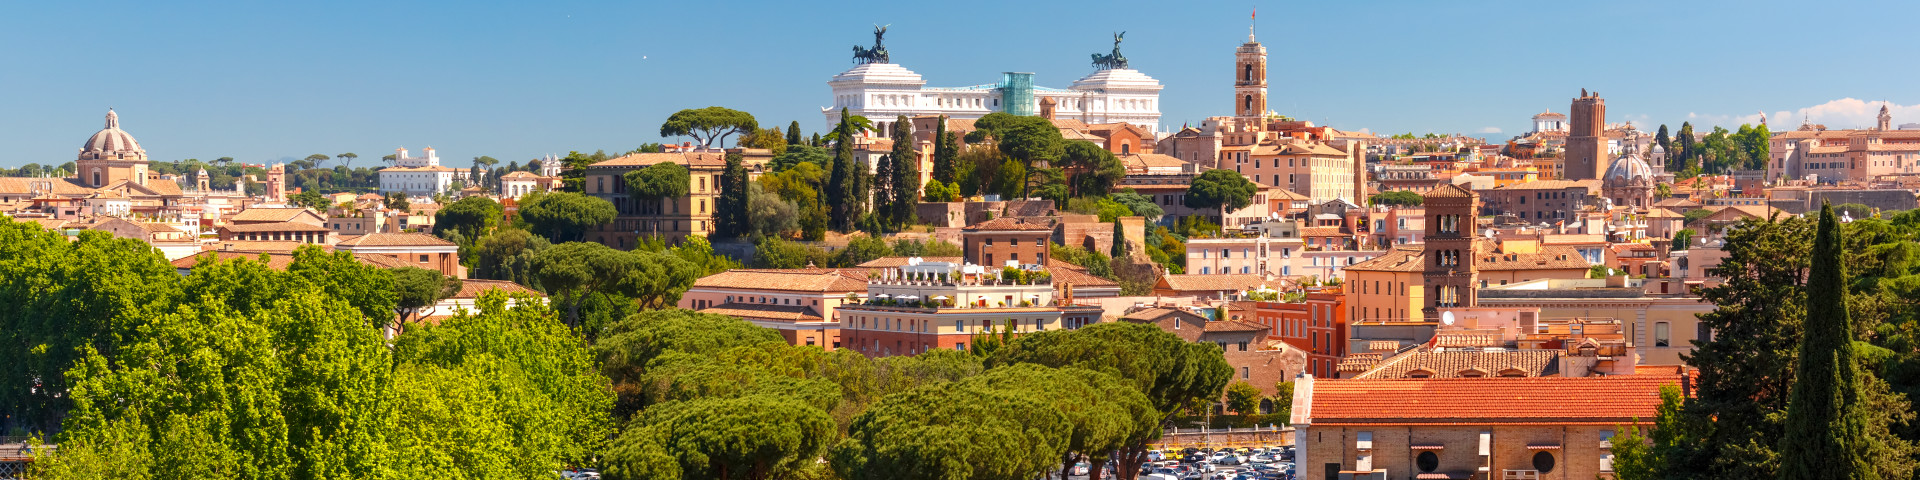 Roma - pohled na kopec Monte Palatino, na němž bylo podle pověsti město založeno